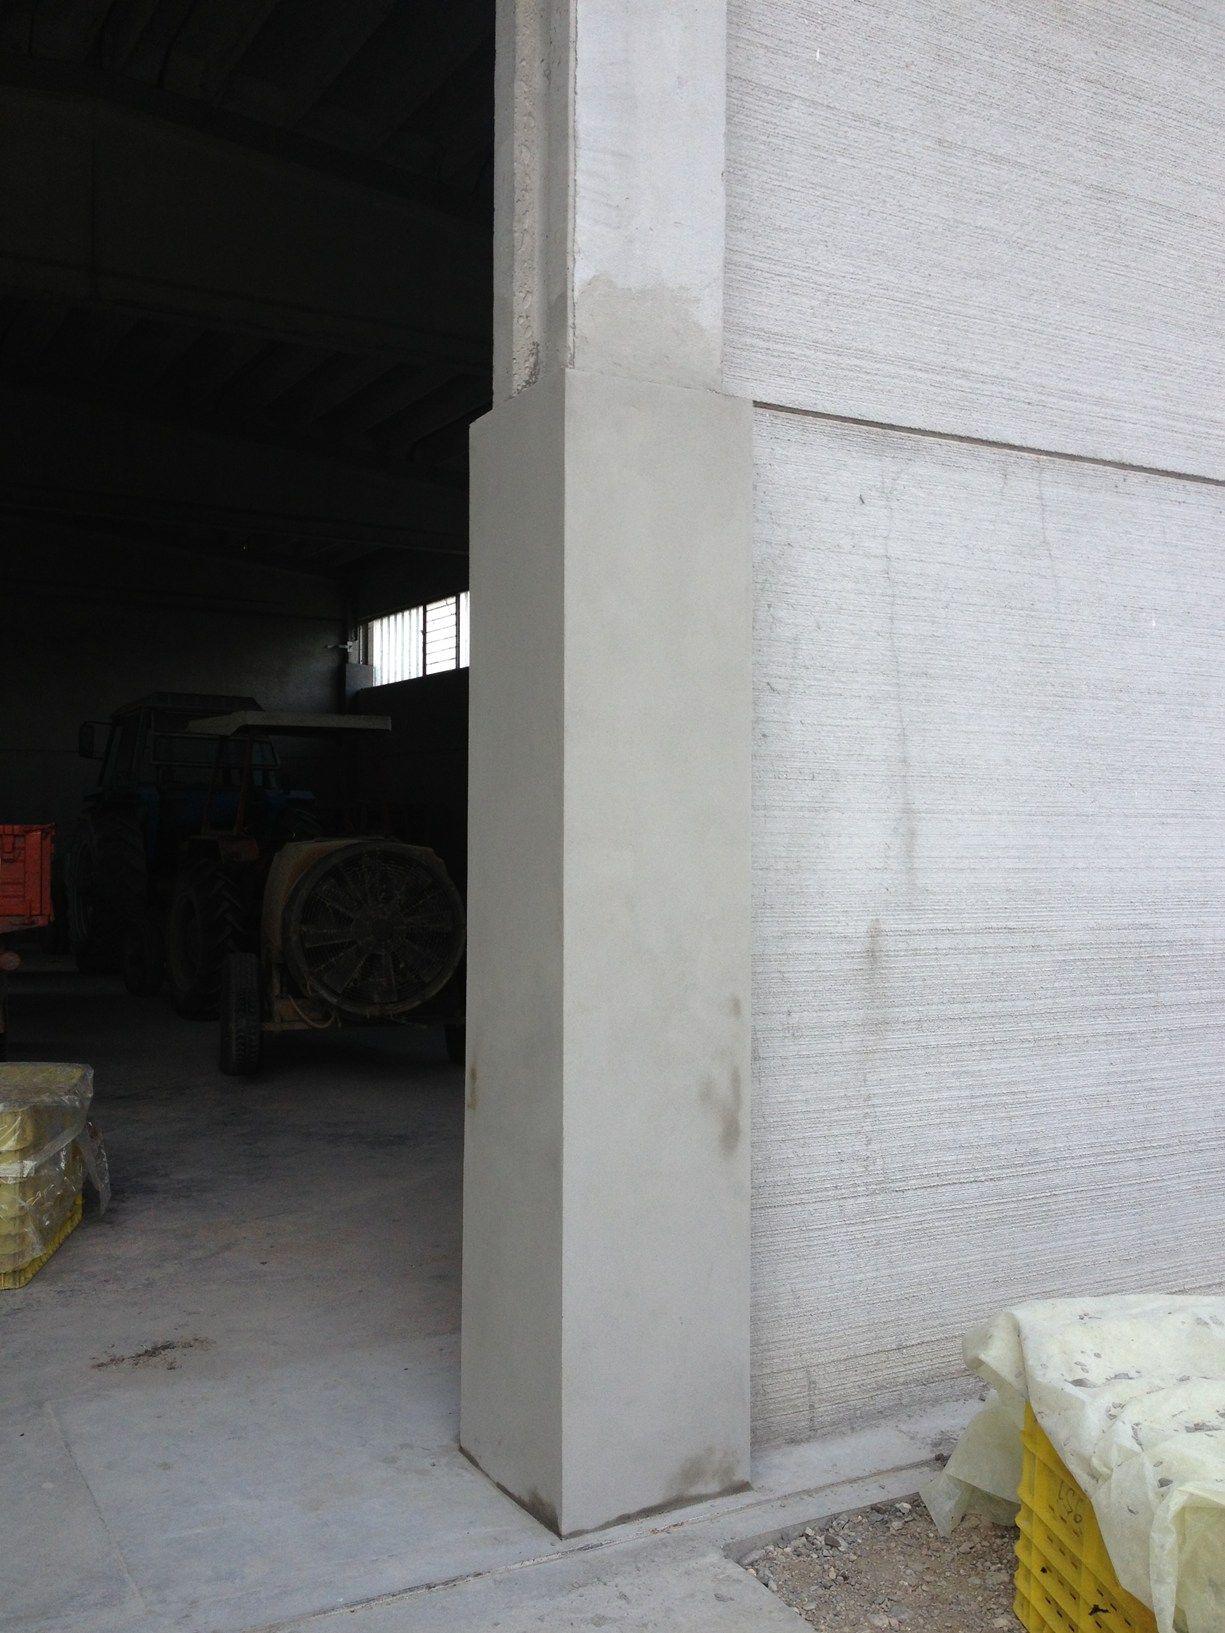 Torggler Chimica per la messa in sicurezza ed adeguamento sismico di una attrezzaia a Novi di Modena